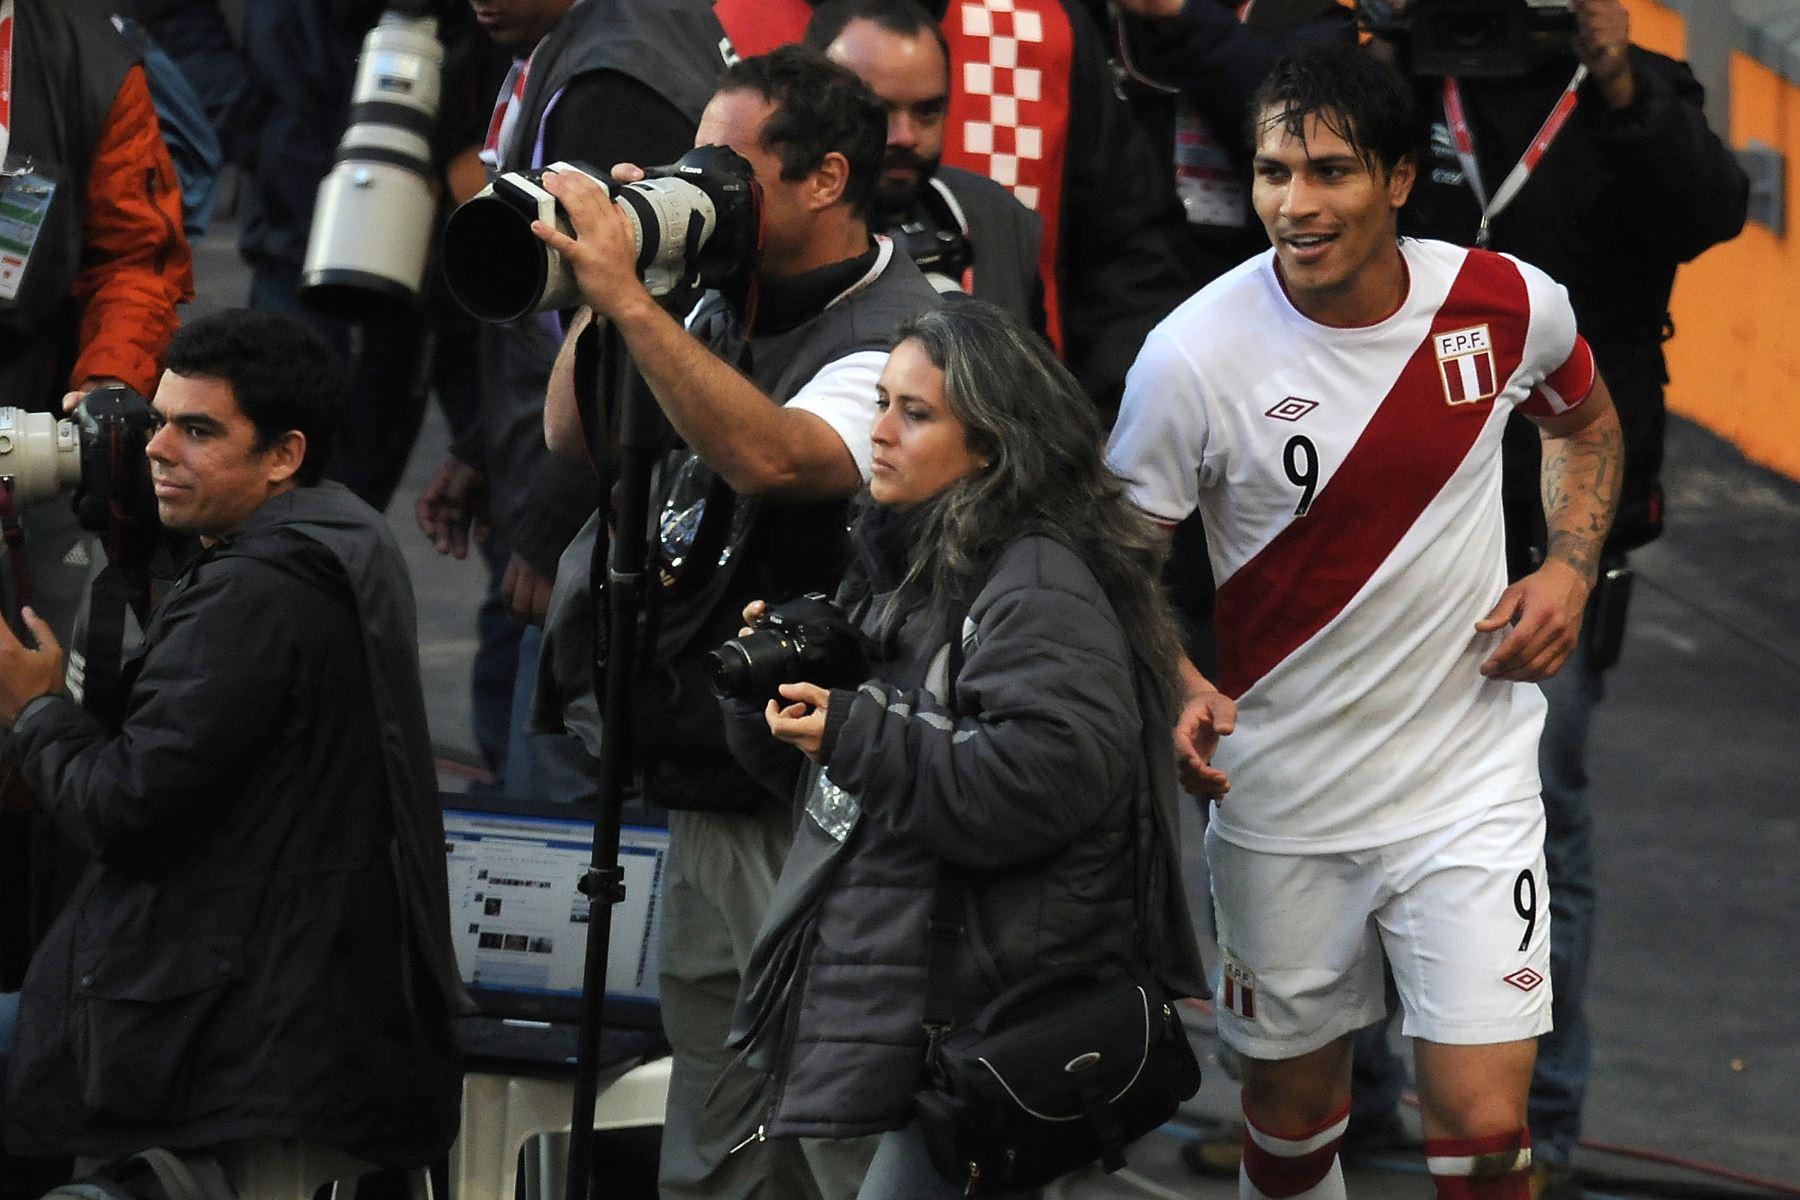 El delantero peruano Paolo Guerrero regresa al campo luego de anotar el segundo gol de su equipo durante el partido por el tercer lugar del torneo de fútbol de la Copa América 2011 celebrado en el estadio Ciudad de La Plata en La Plata, a 59 km al sur de Buenos Aires, en julio del 2011.  Foto: AFP